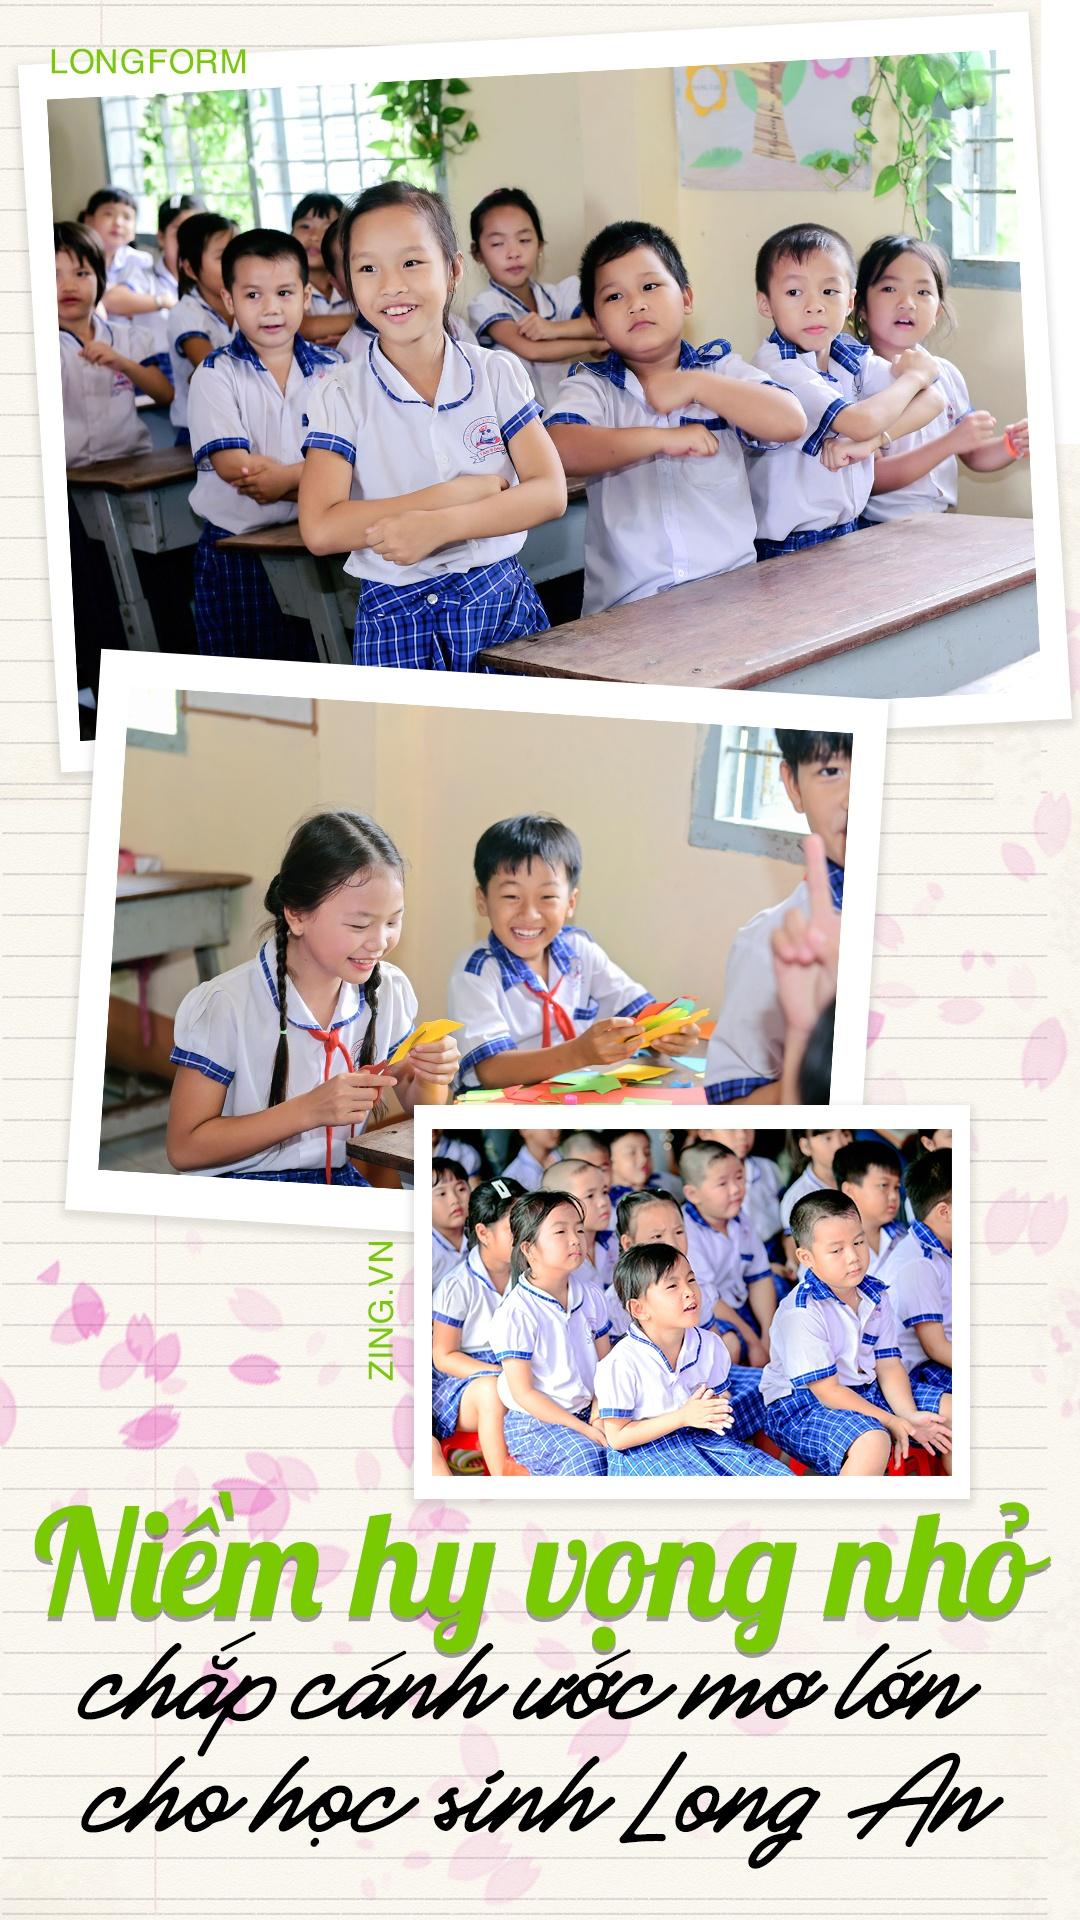 Truong Tieu hoc Tan Dong anh 1